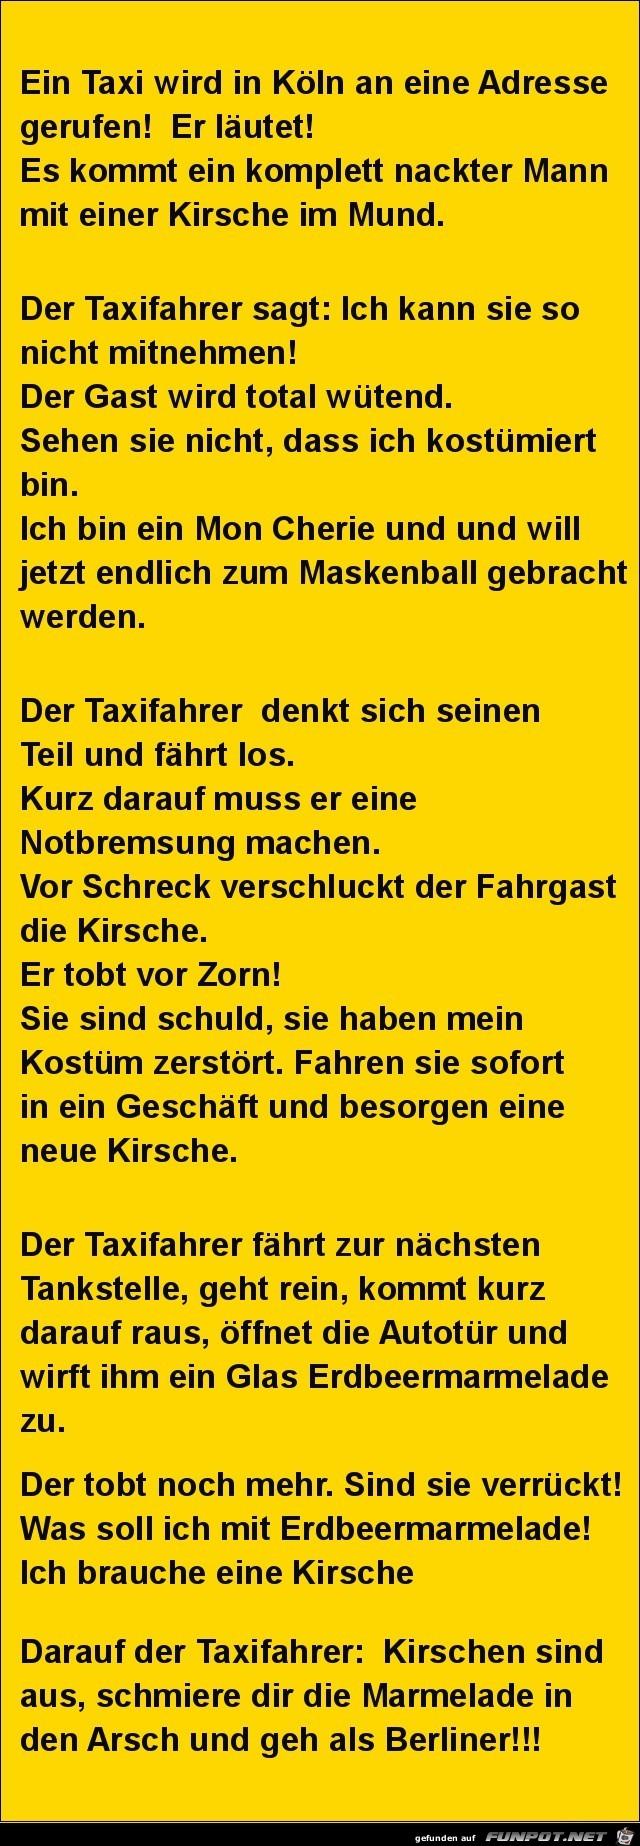 ein Taxi wird gerufen.......